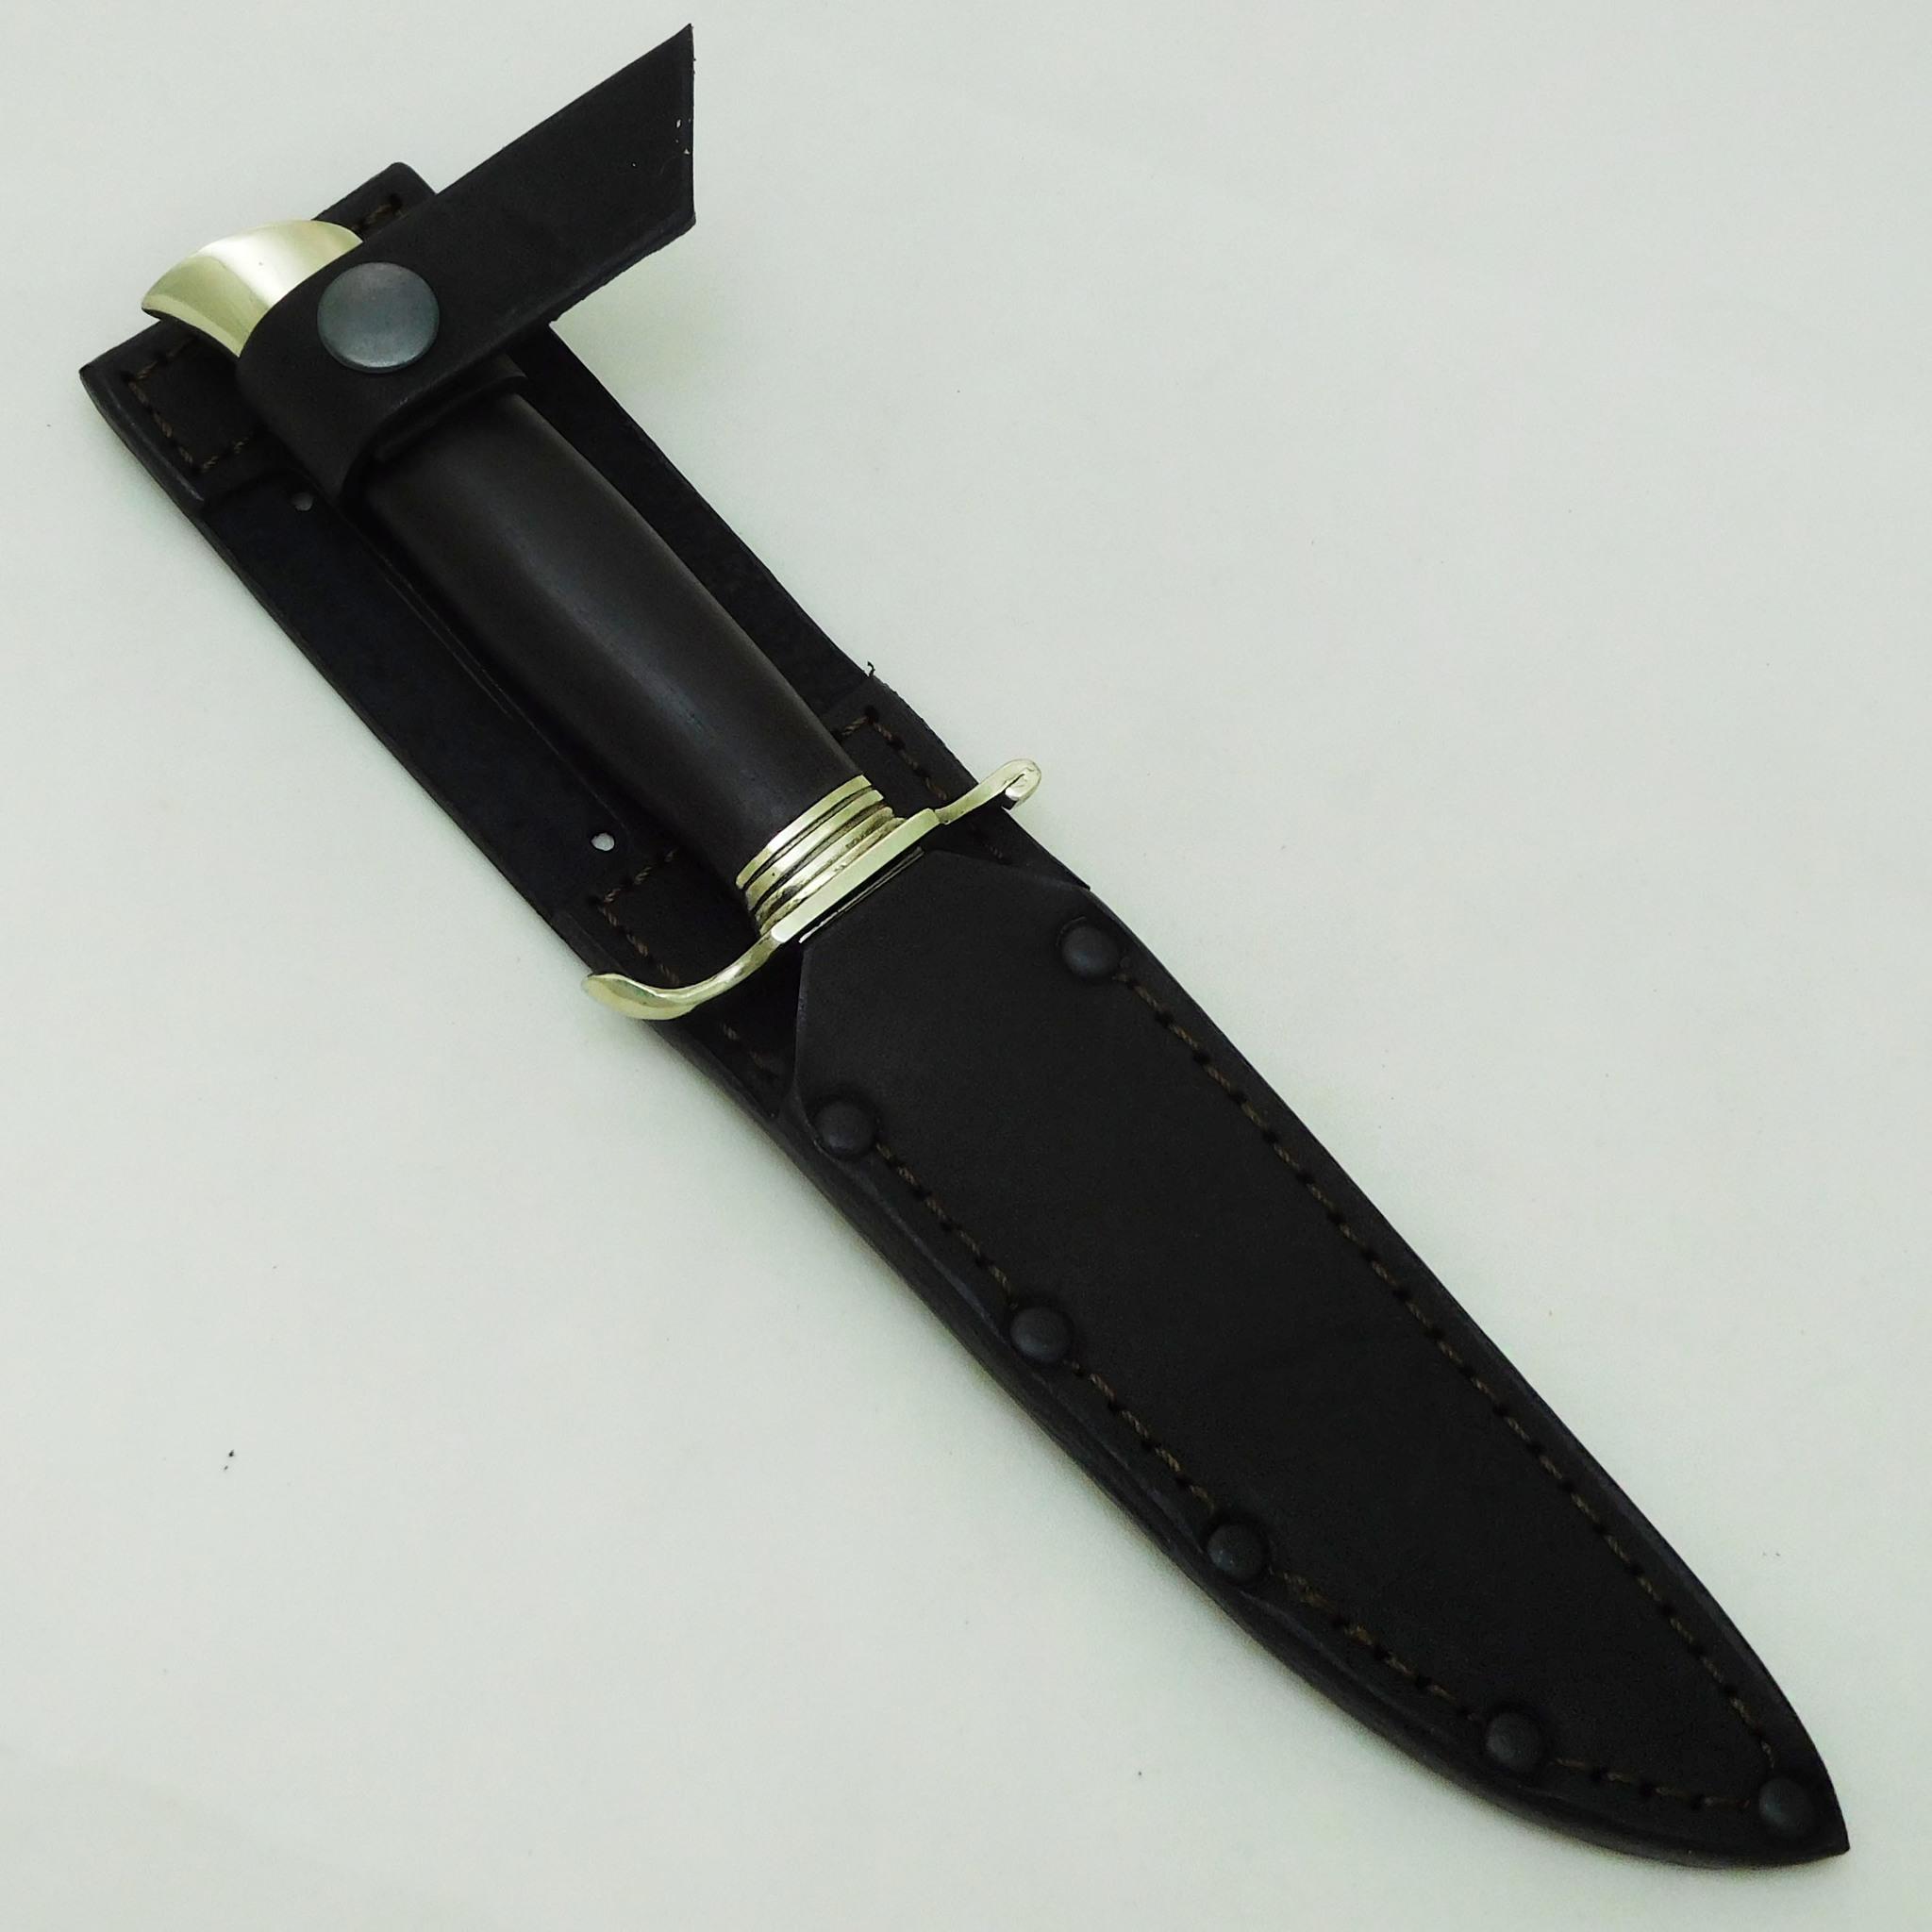 Фото 9 - Нож Финка НКВД, кованая, сталь 95х18, мельхиор от АТАКА